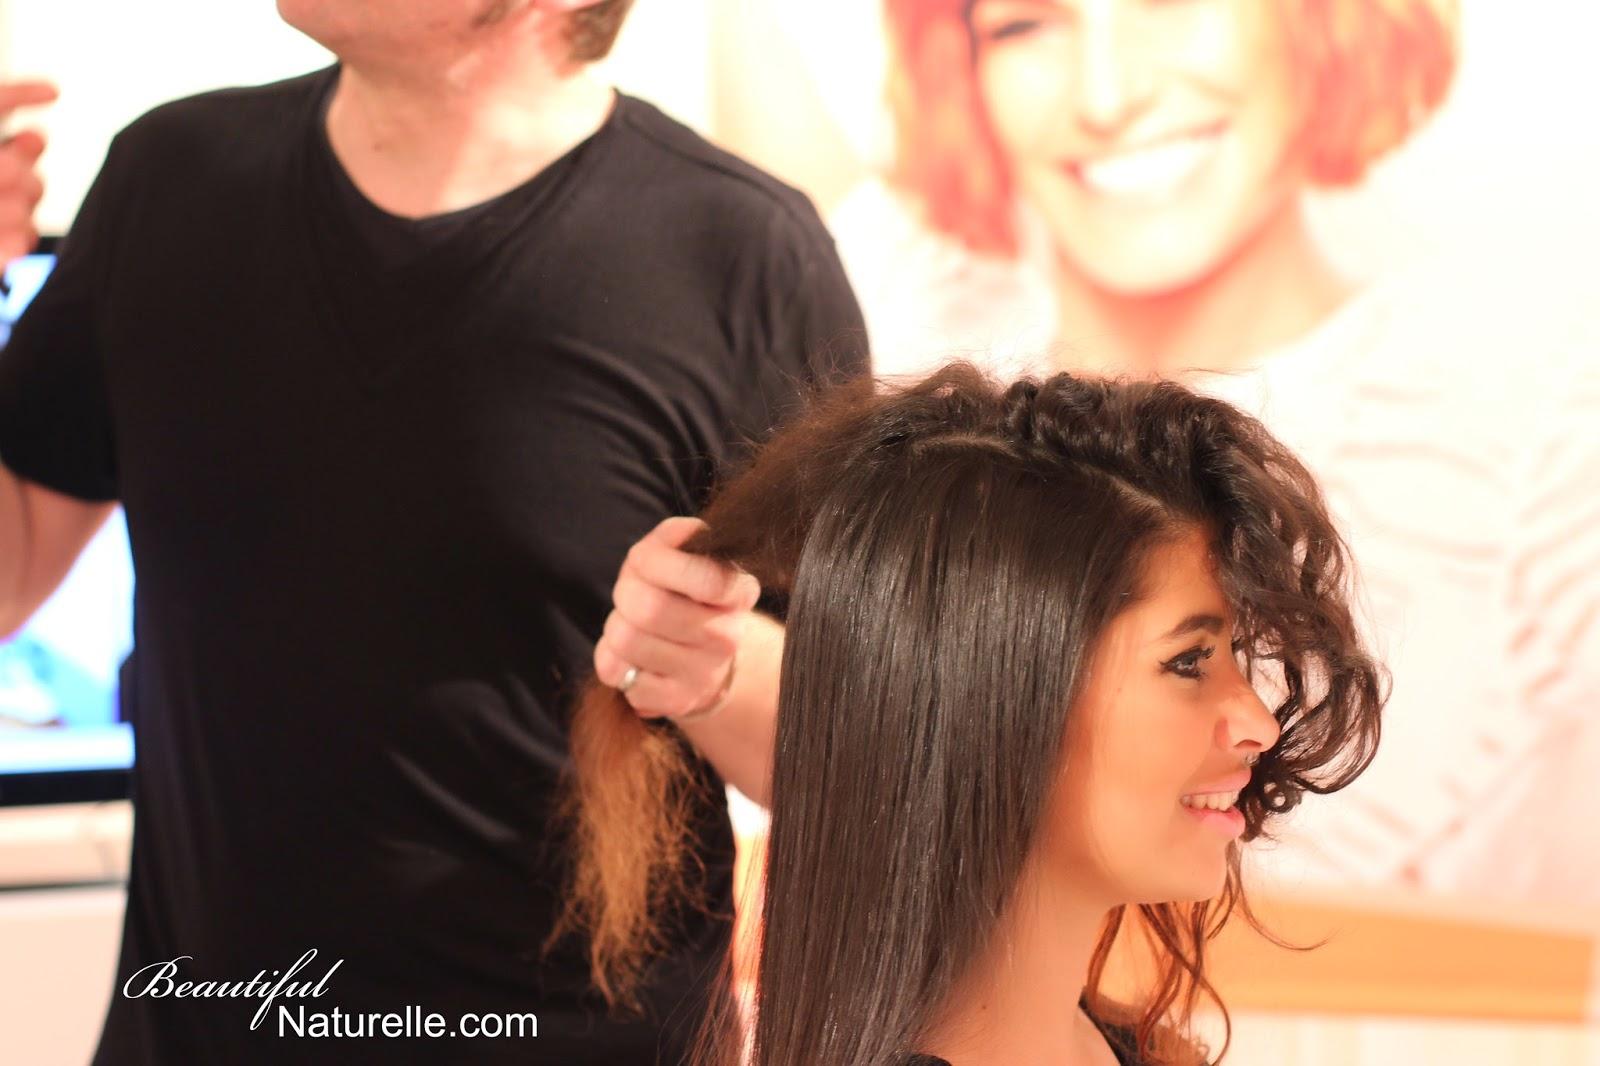 Spring session d couverte des nouveaut s niwel colorii for Salon de coiffure fabio salsa